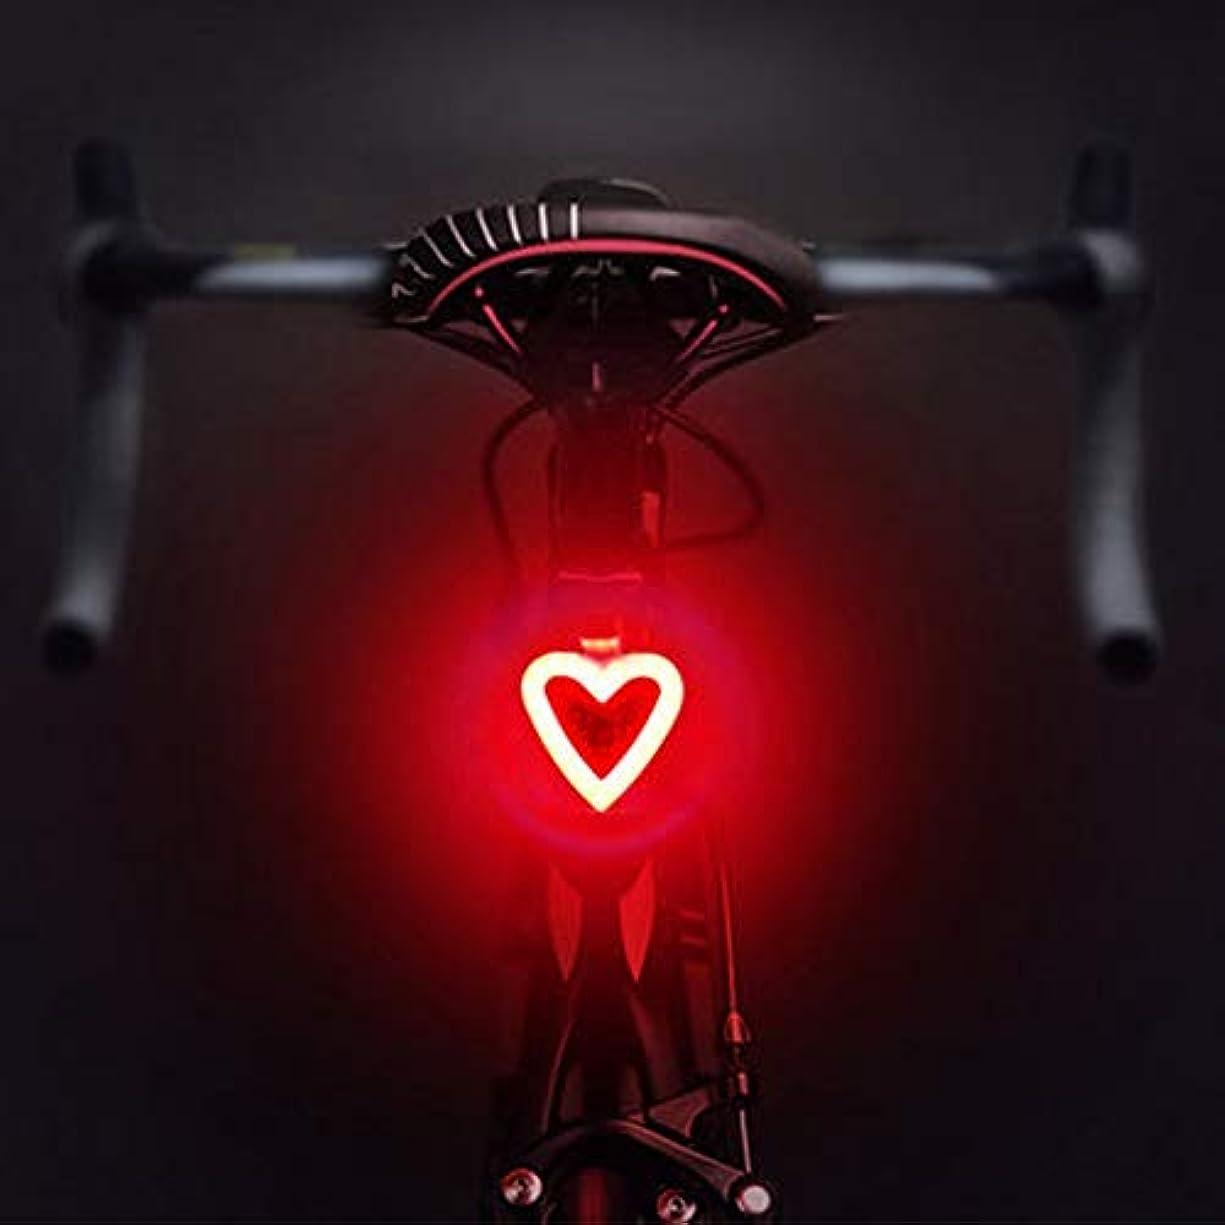 乱れ処理パニック充電式自転車ライト 自転車用リアライト、5つのライトモード自転車用テールライト、USB充電式自転車用ライトフック&ループストラップ付き防水自転車用ライトあらゆるバイク/ヘルメット、レッド&ブルーライトにフィット (Color : Pattern-03)